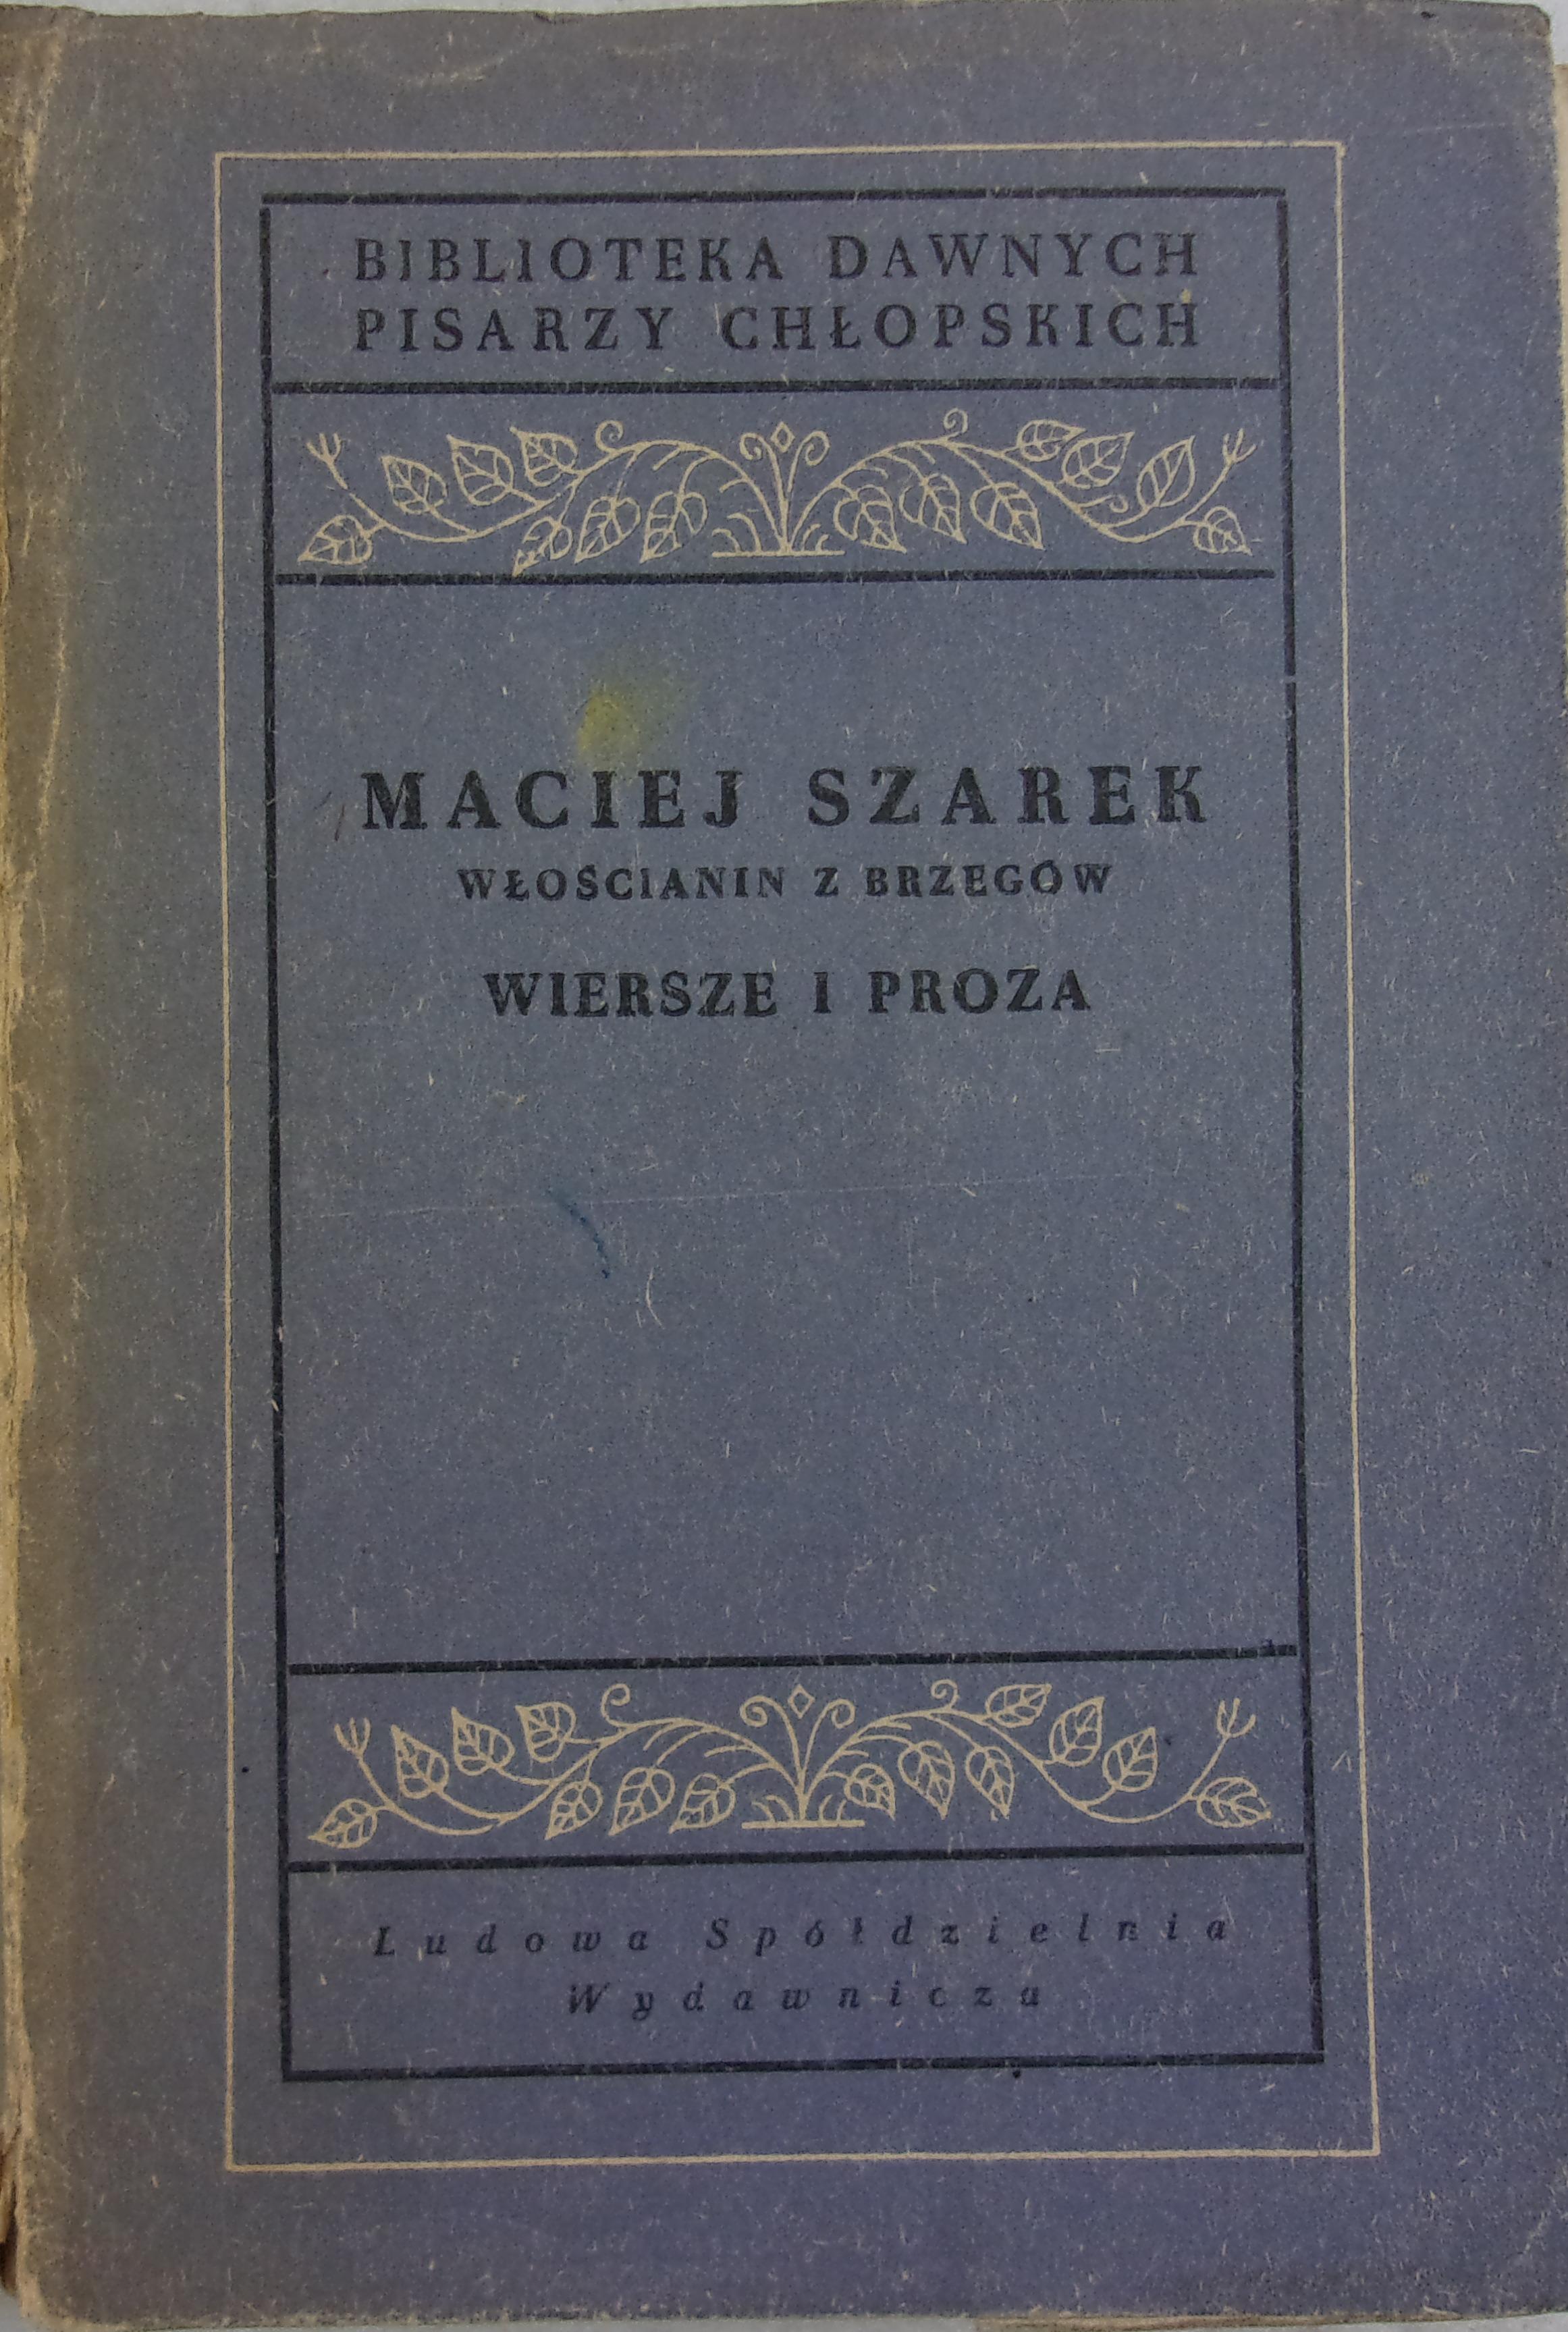 Wiersze I Proza Maciej Szarek 3000 Zł Tezeuszpl